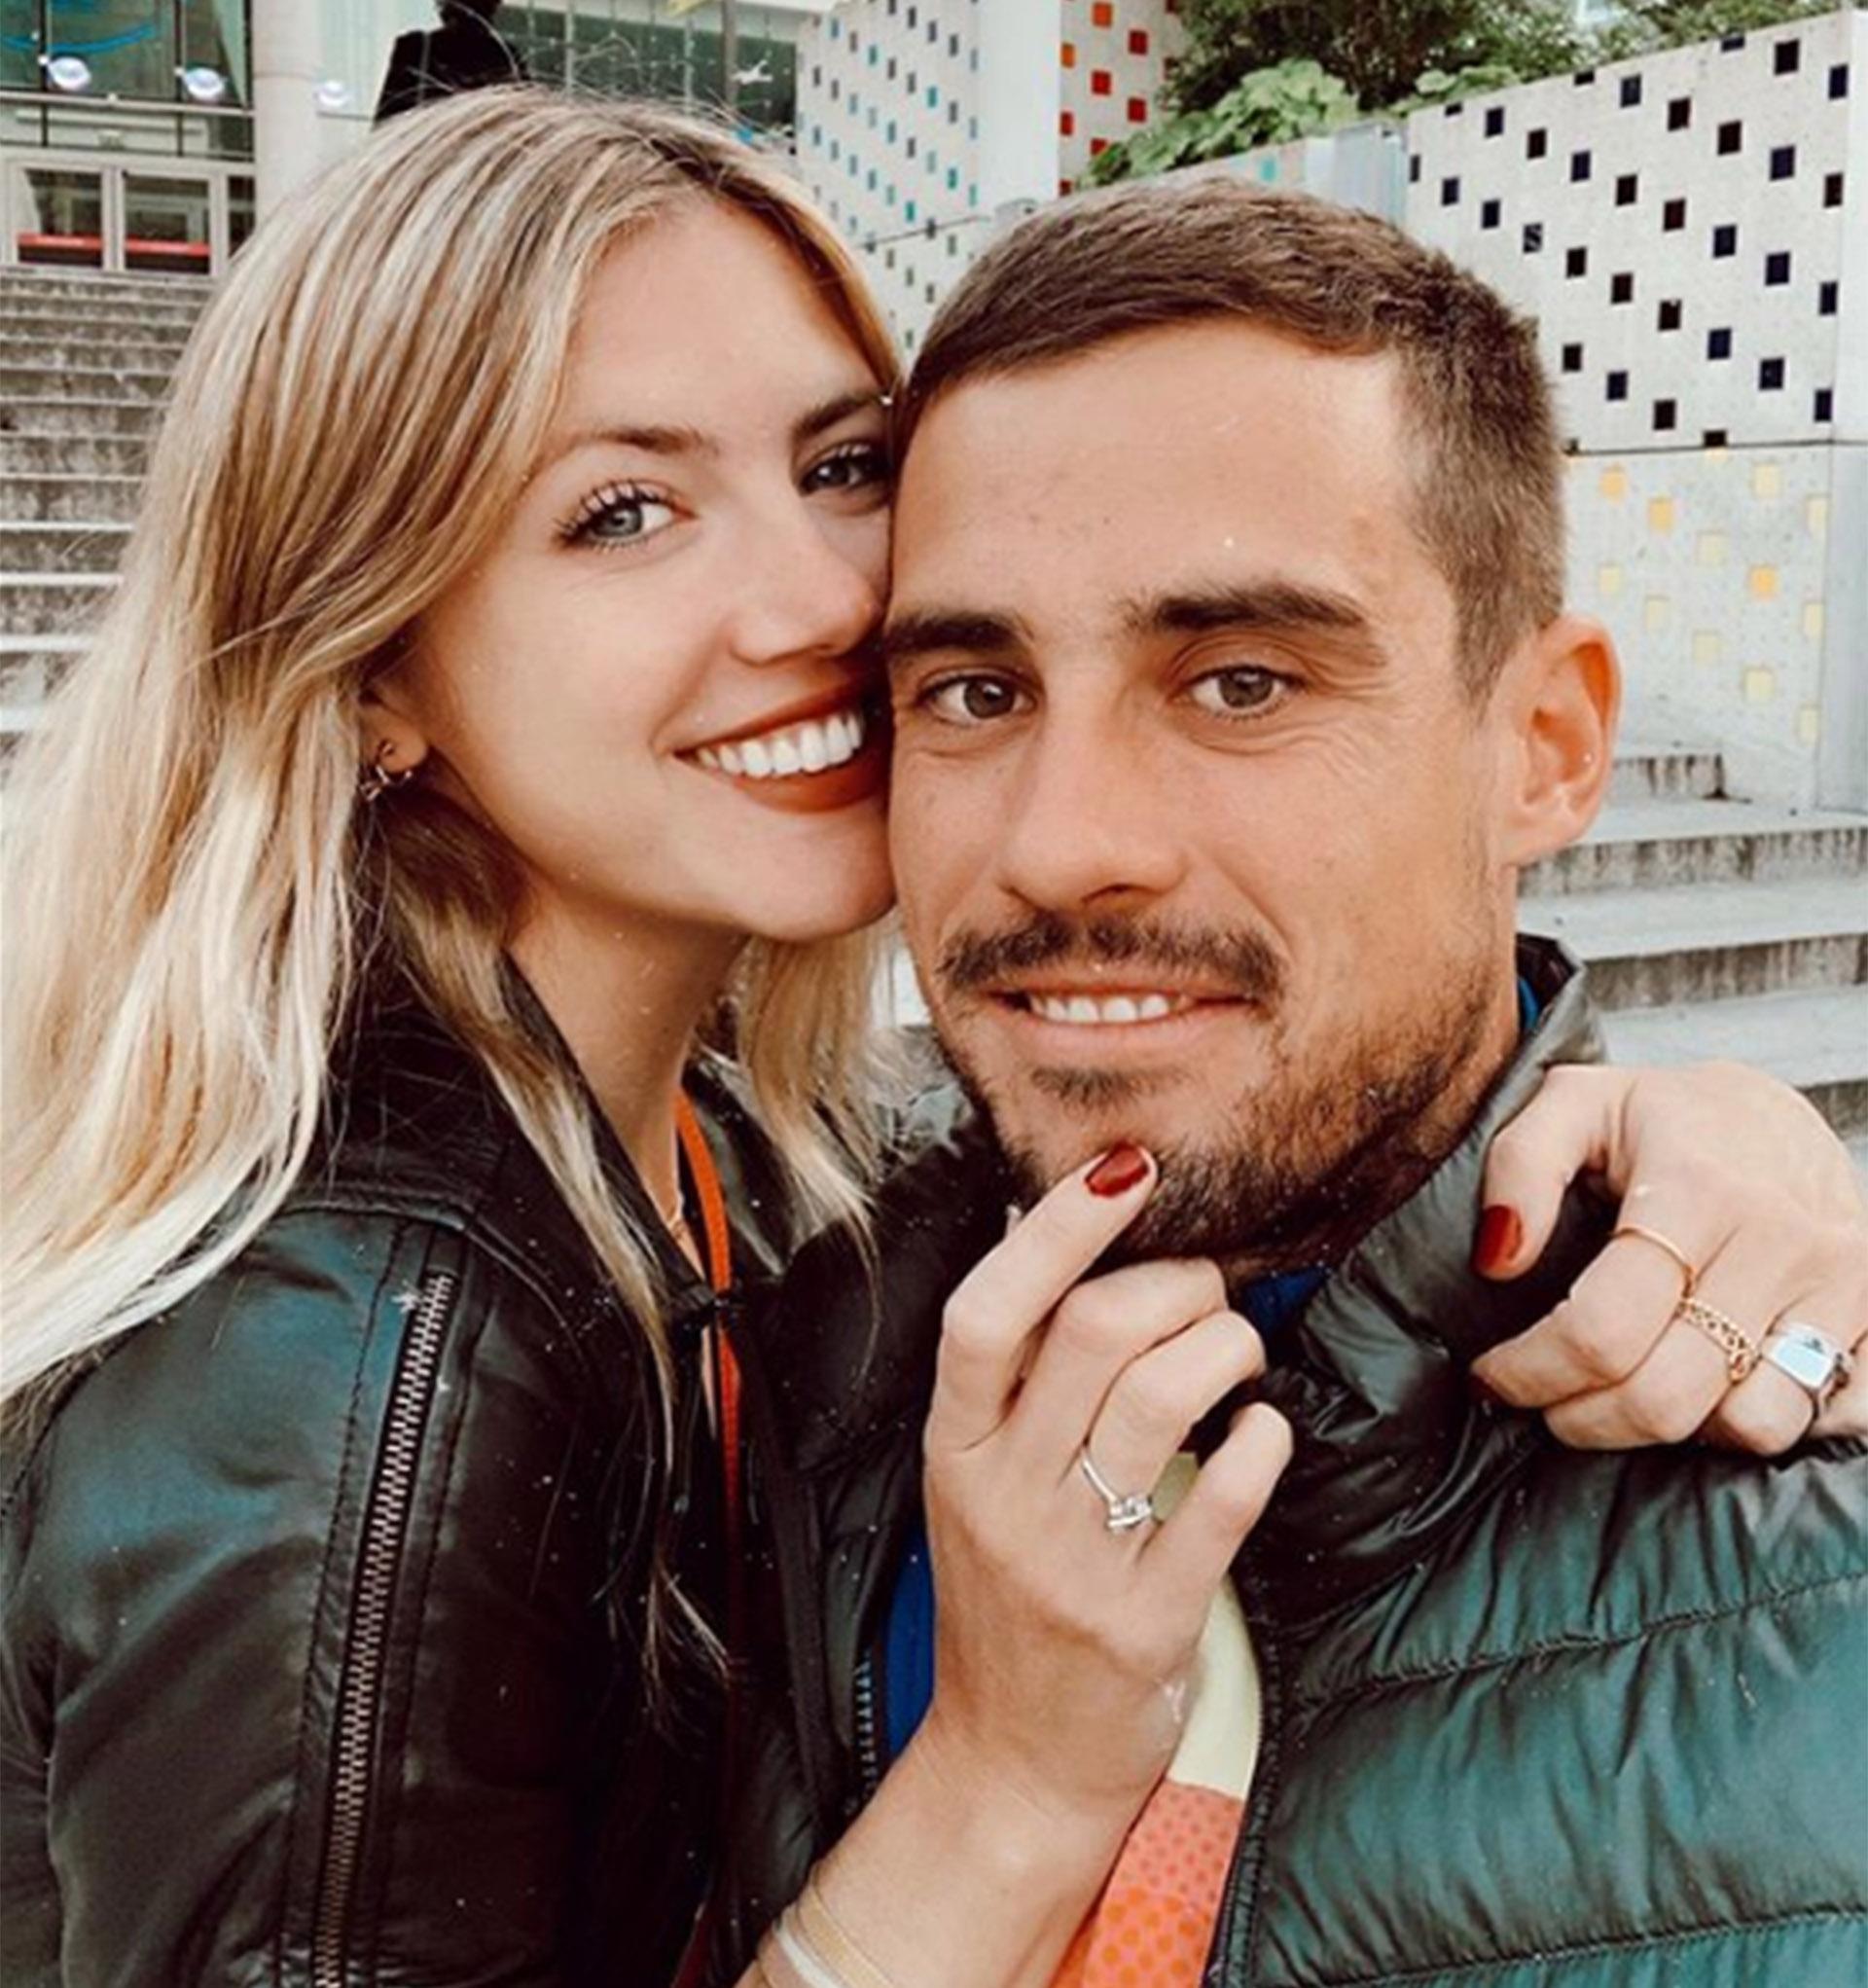 ¡Stephanie Denme se casa! La modelo anunció su boda con el tenista Guido Pella a través de las redes sociales. Se comprometieron en París. Soñado (Foto: Instagram)